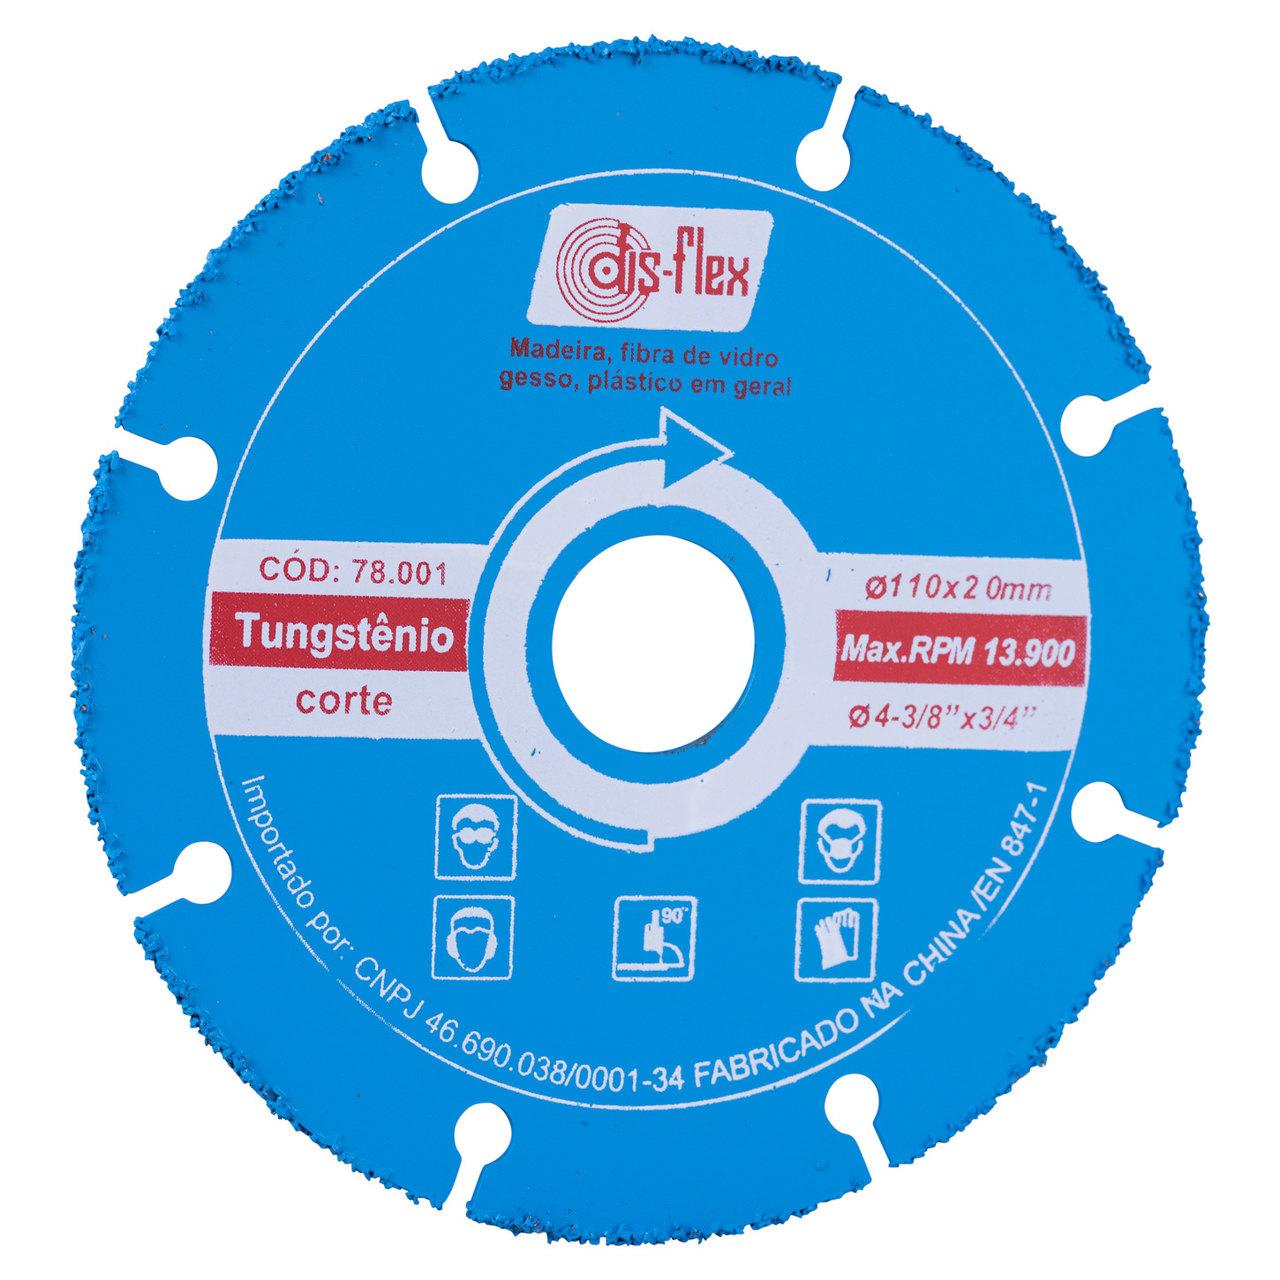 Disco de corte para plástico Tungstênio Segmentado 110mm Disflex